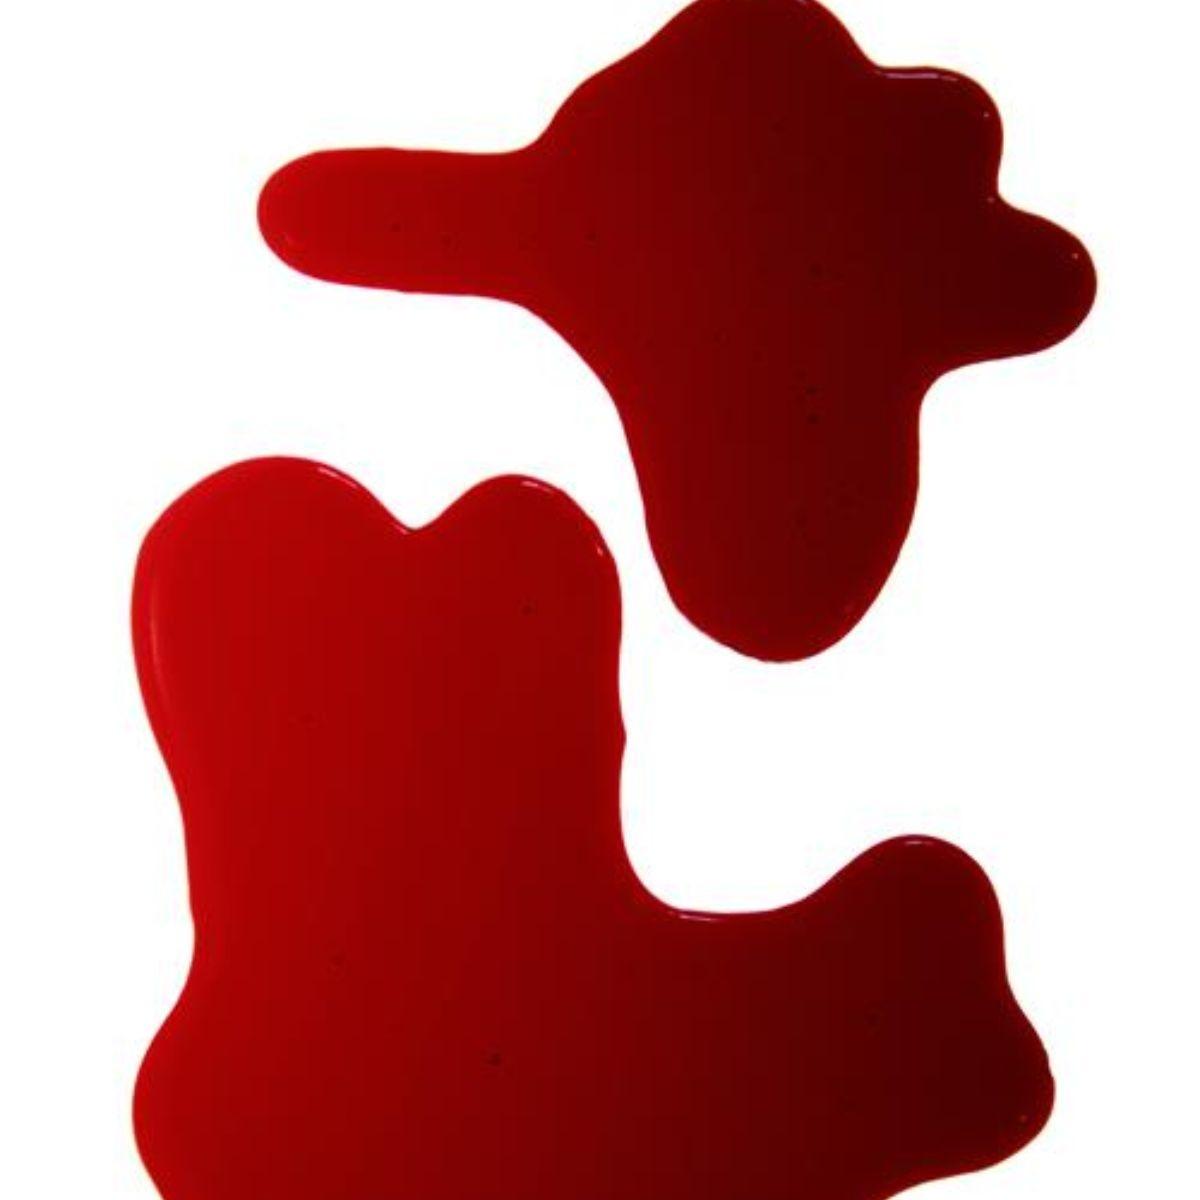 Fake blood spills